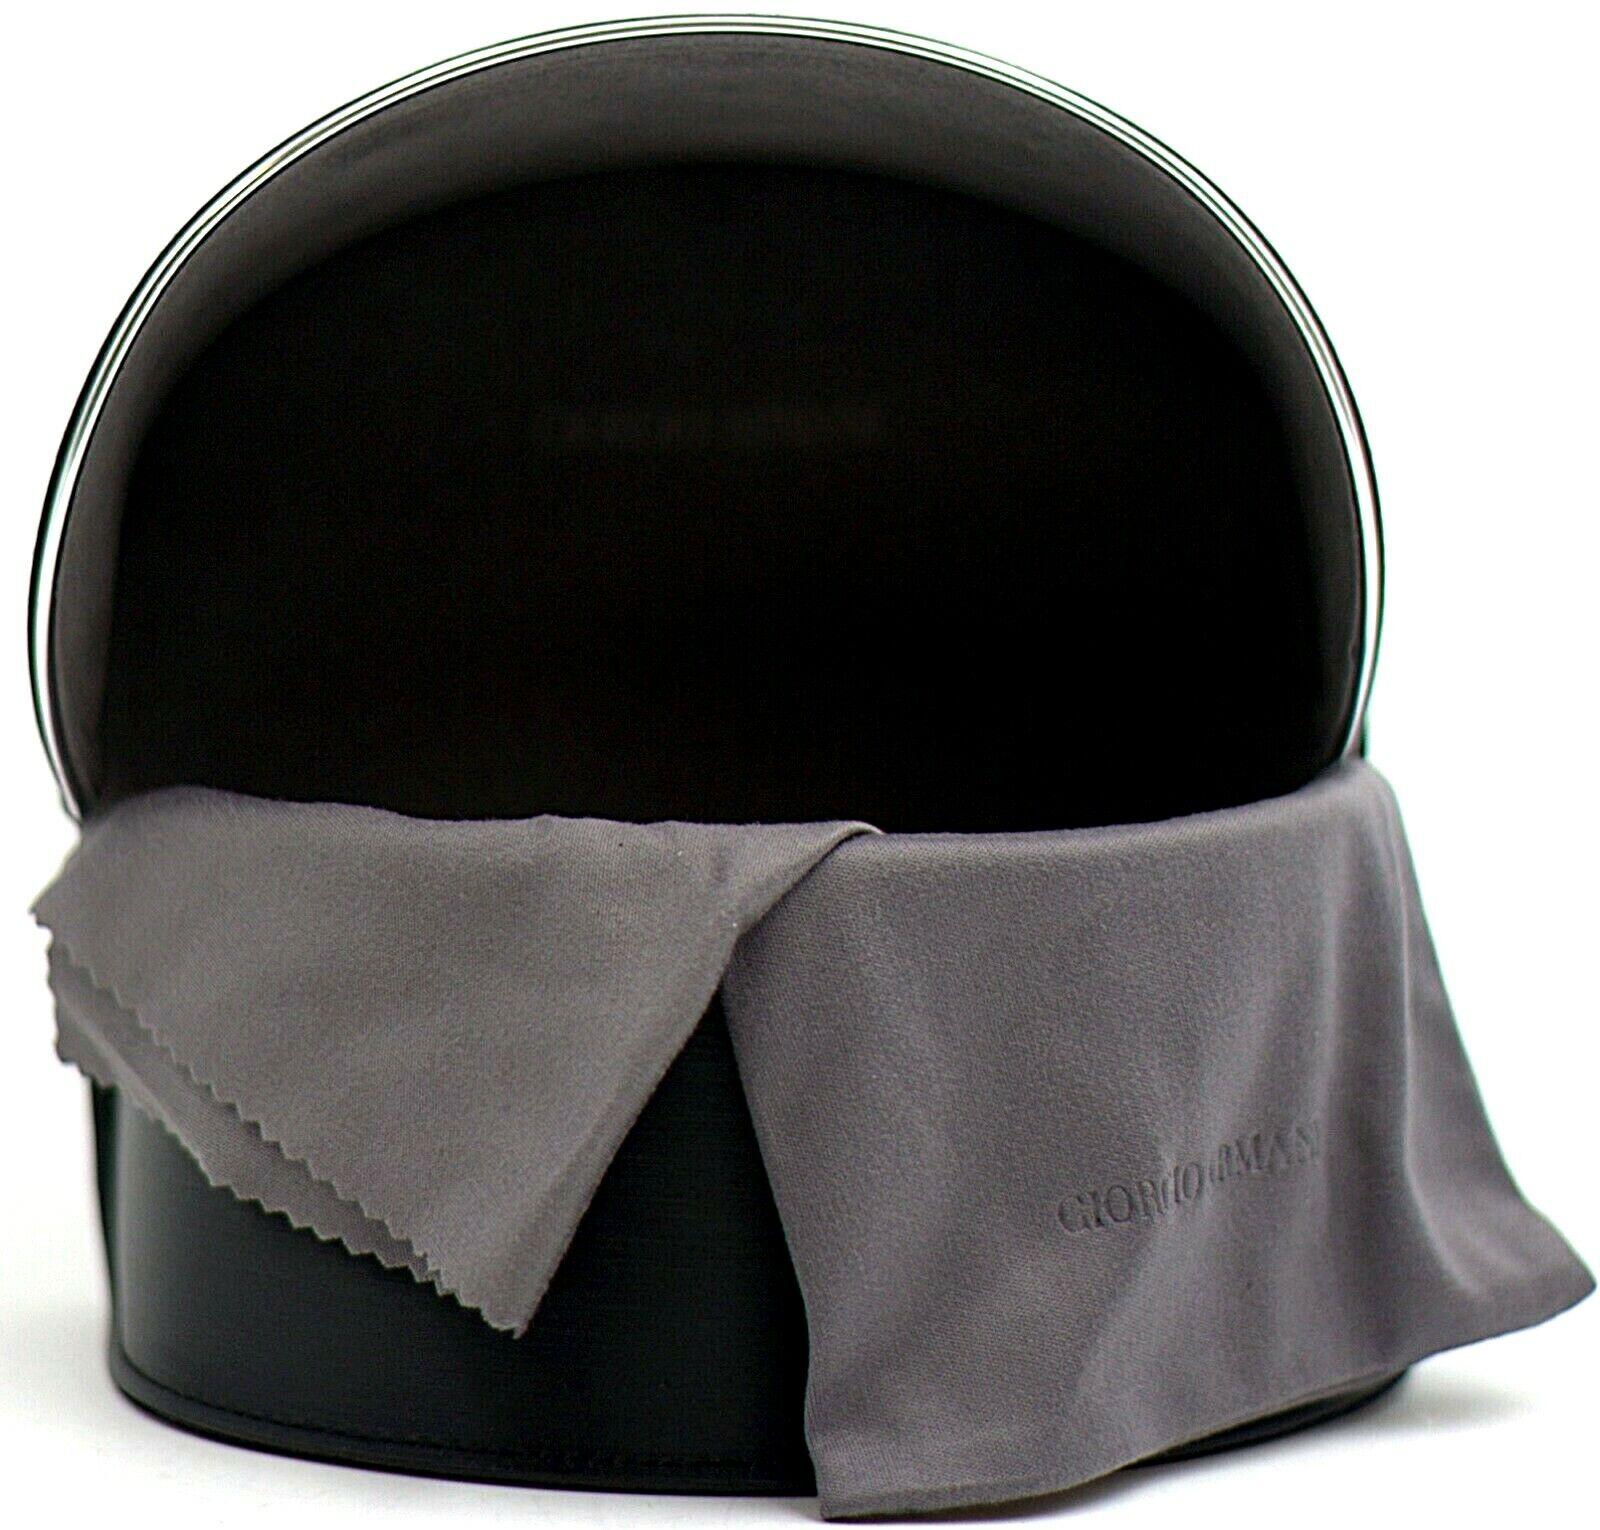 Giorgio Armani Glasses Case Sunglasses Black